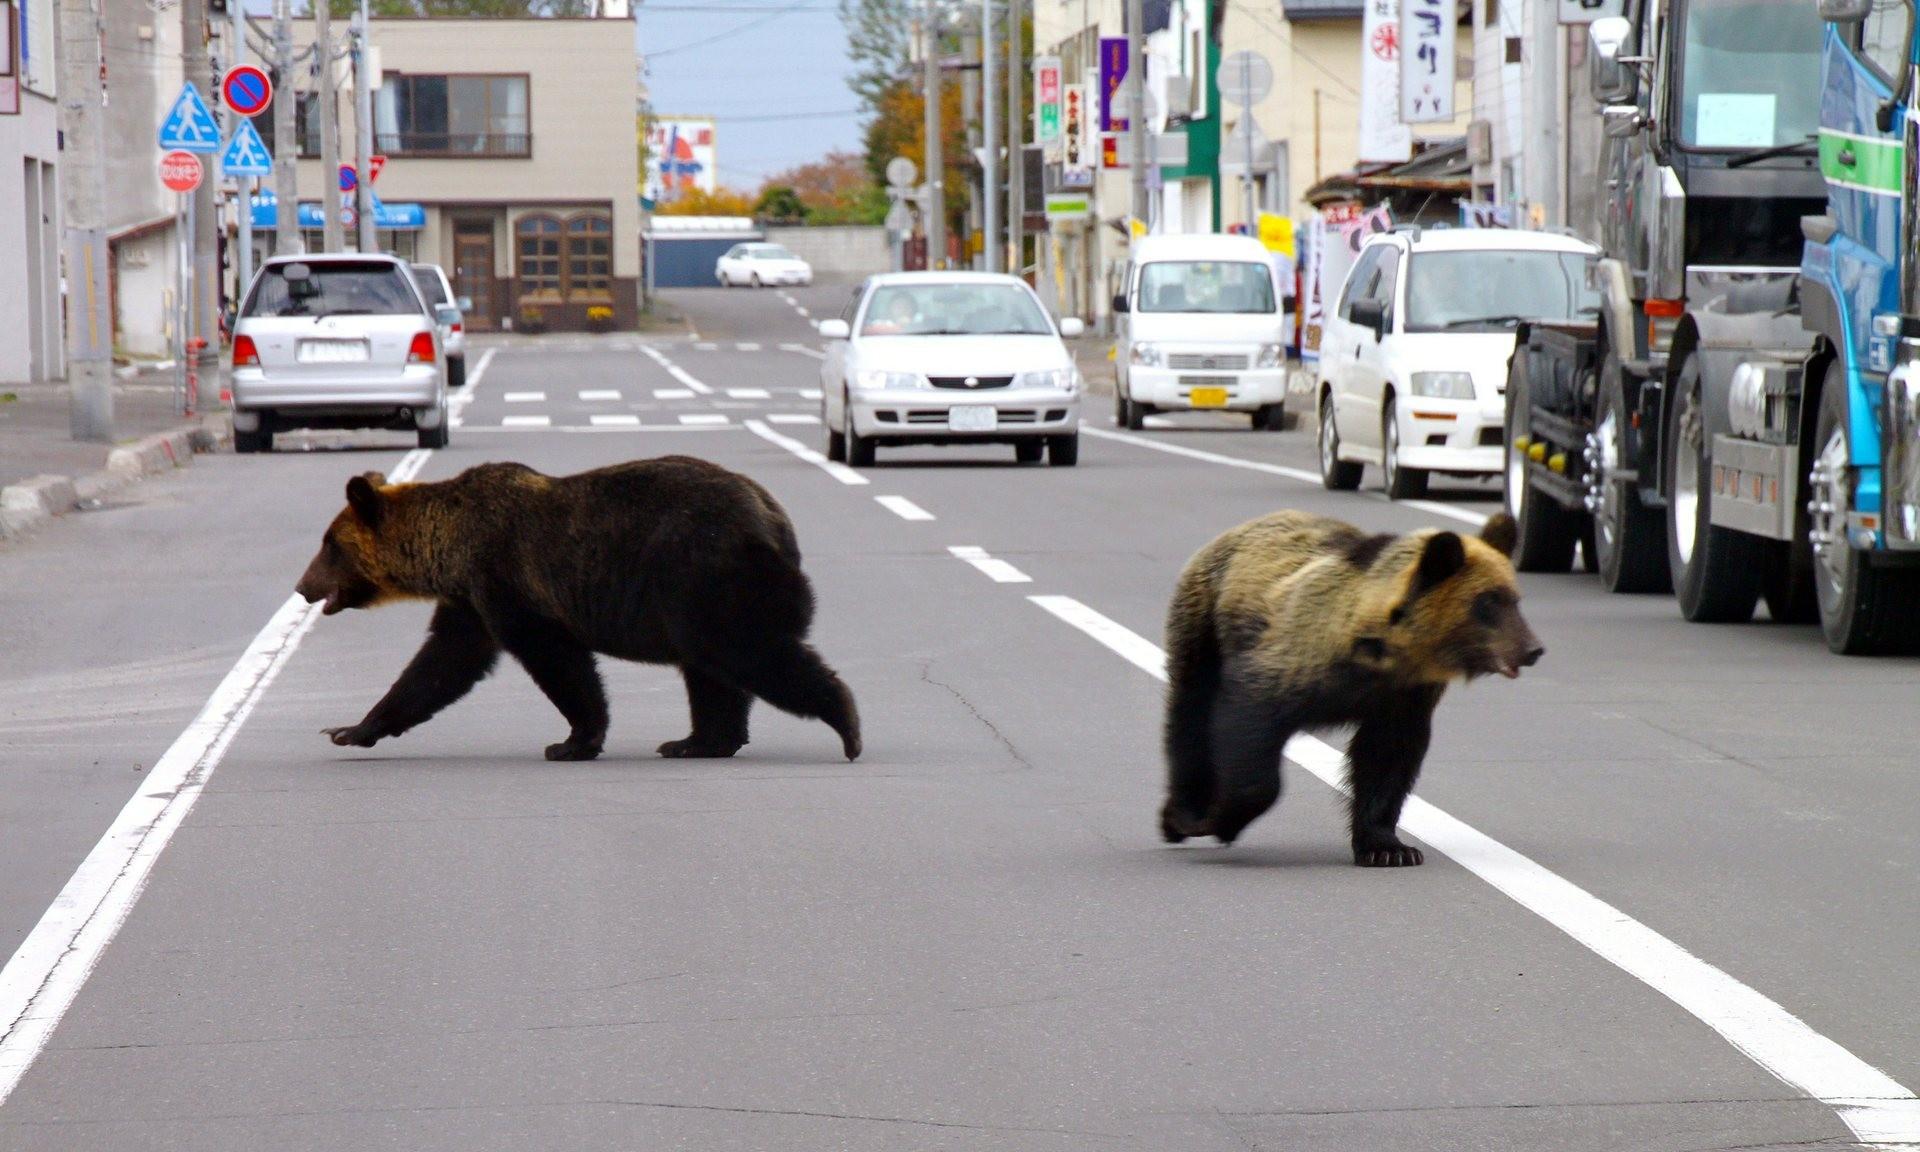 No início deste ano, dois ursos caminharam pelas ruas da cidade de Shari, no Japão (Foto: Divulgação)